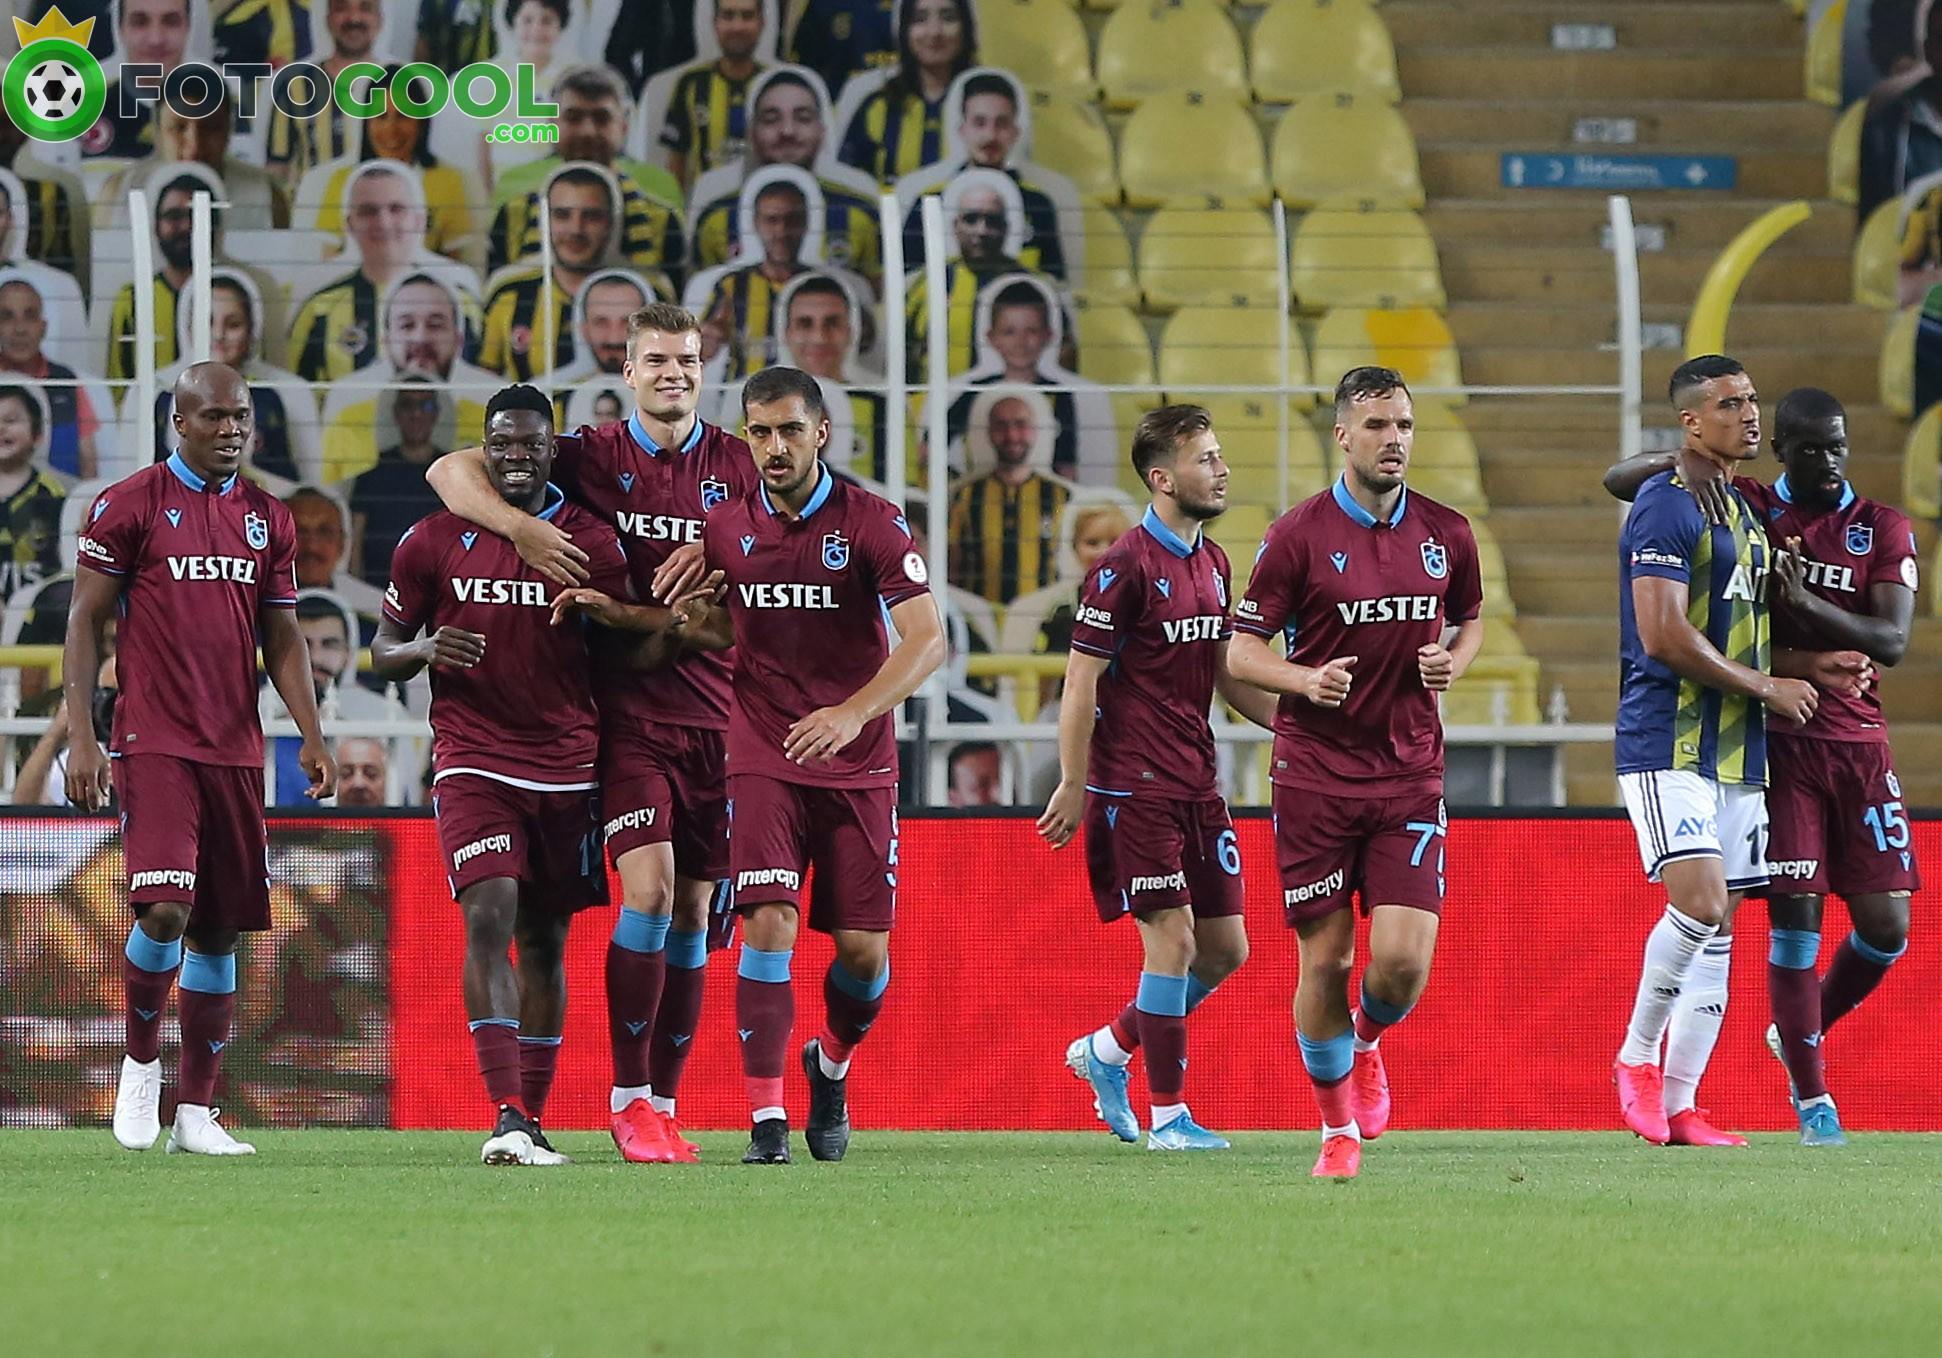 İlk finalist Trabzonspor. 1-3